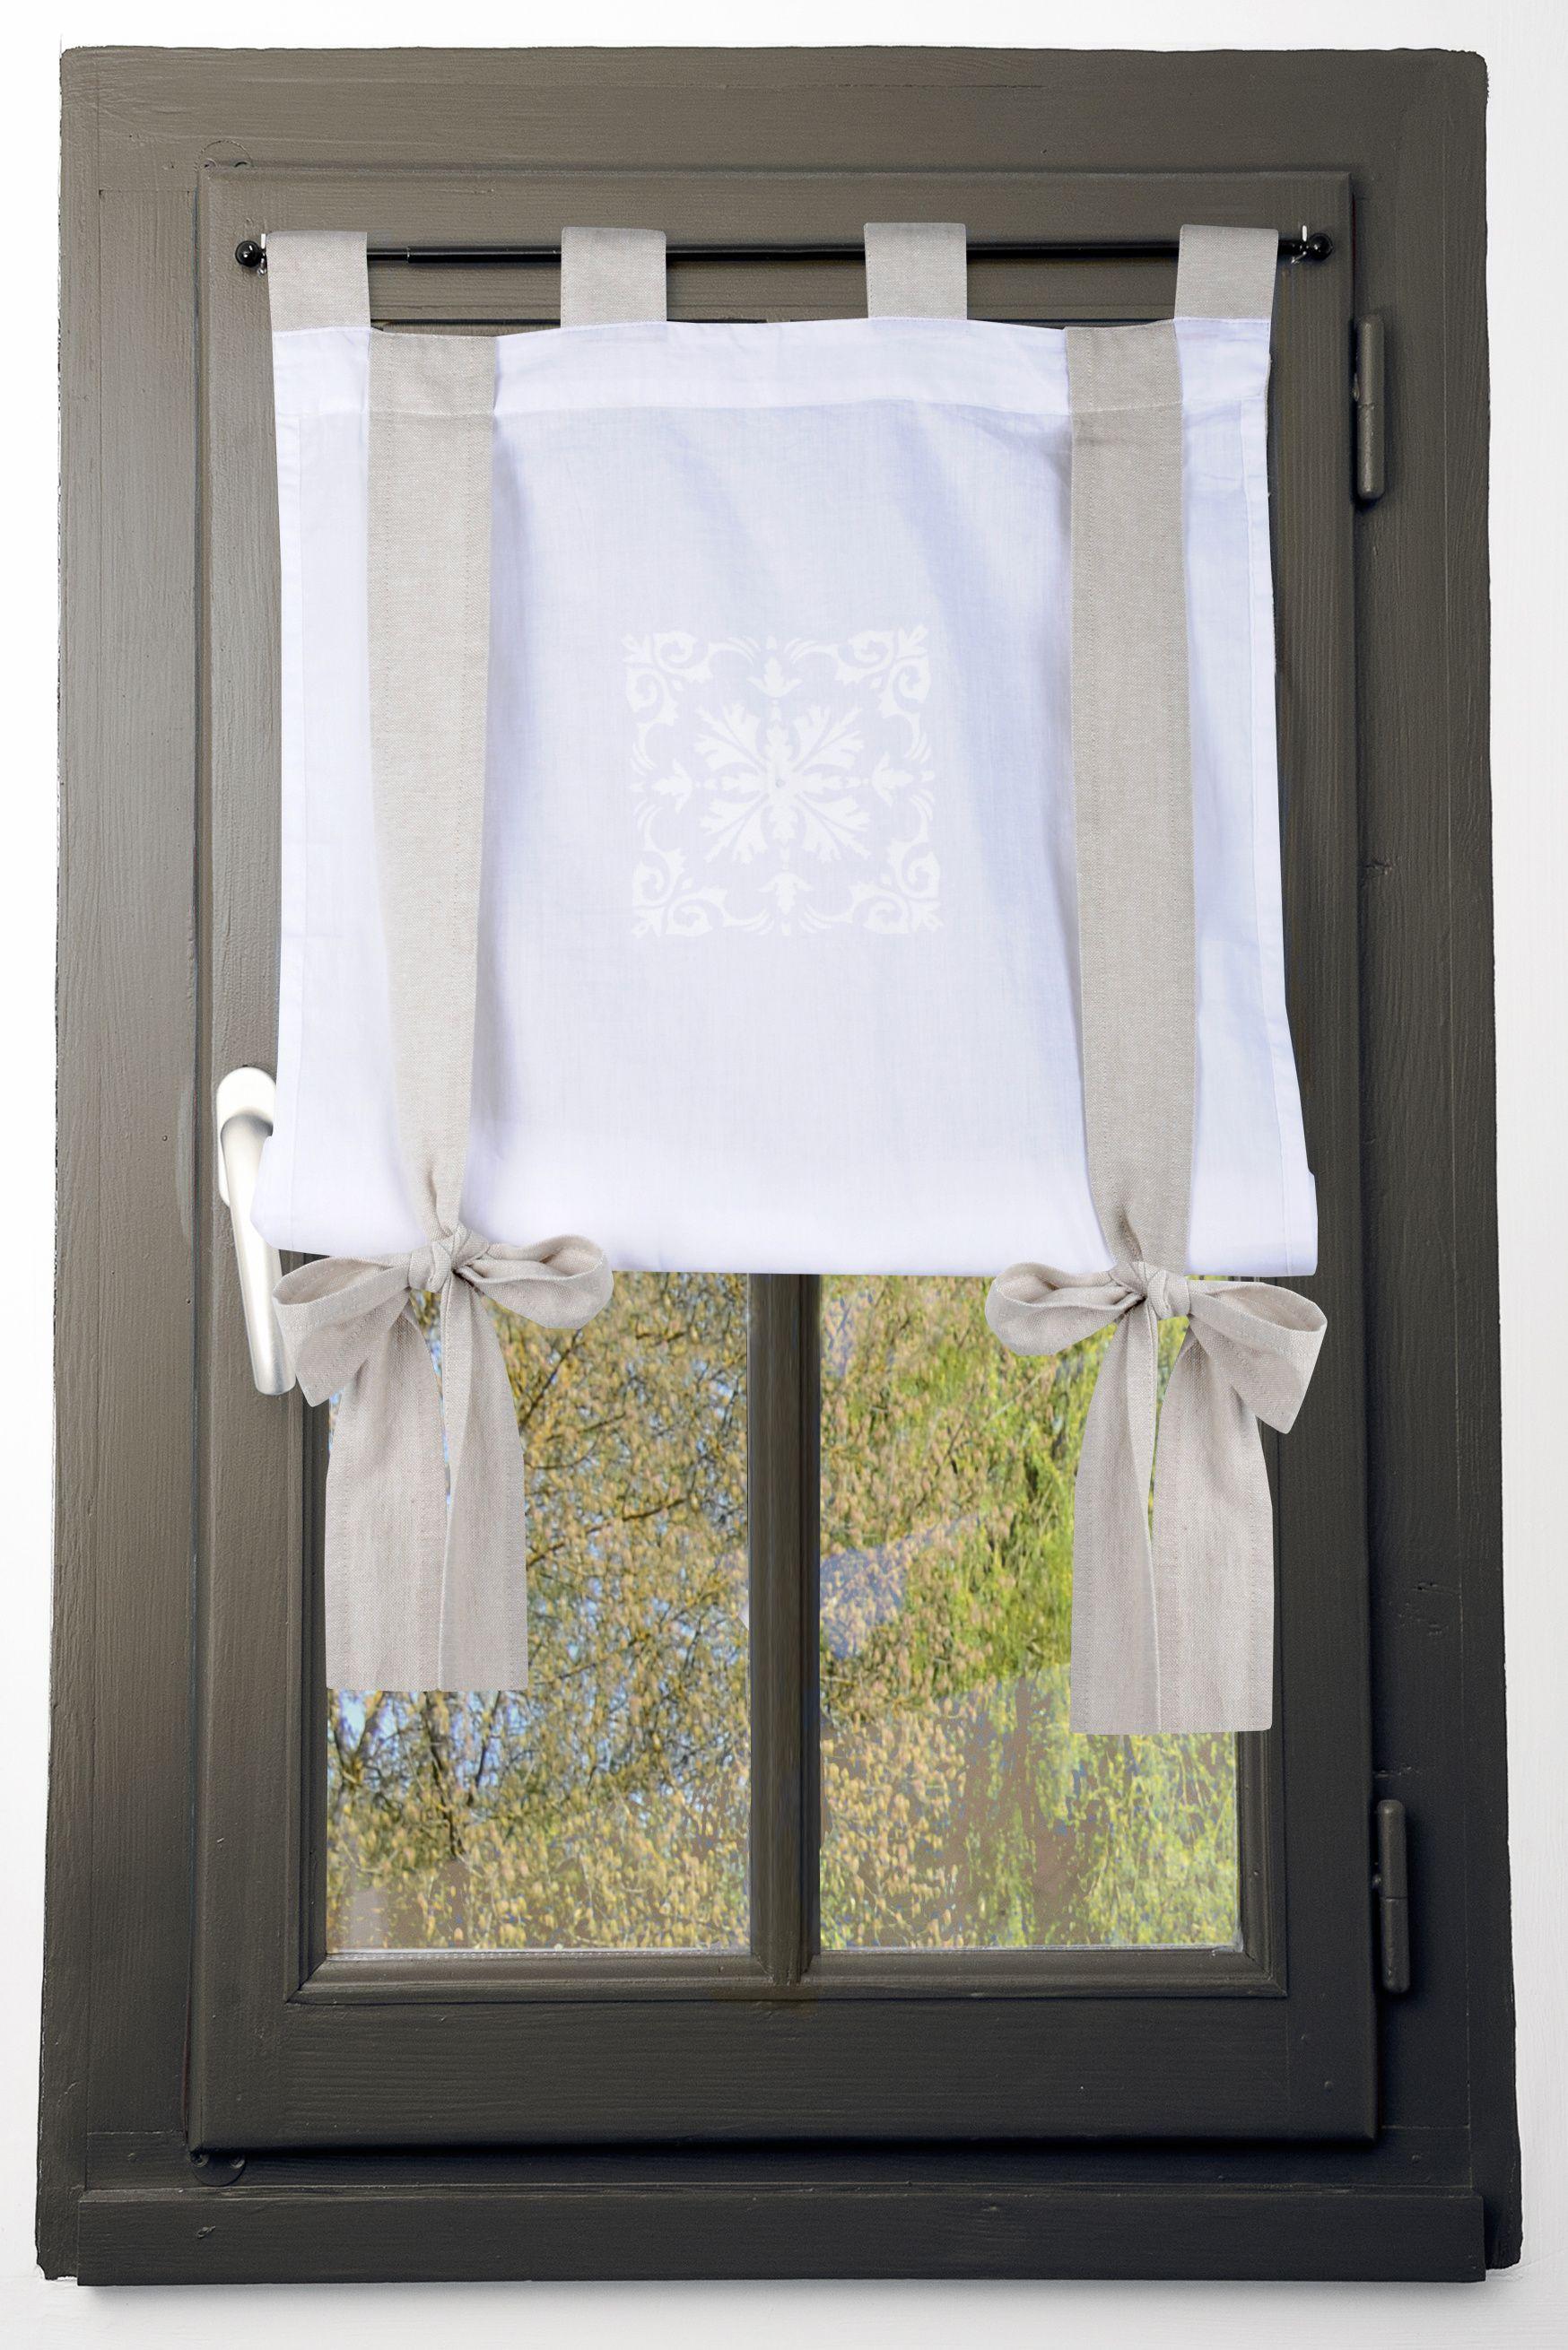 Rideau Vitrage Motif Baroque Blanc Avec Ruban À Nouer destiné Rideau Hauteur 160